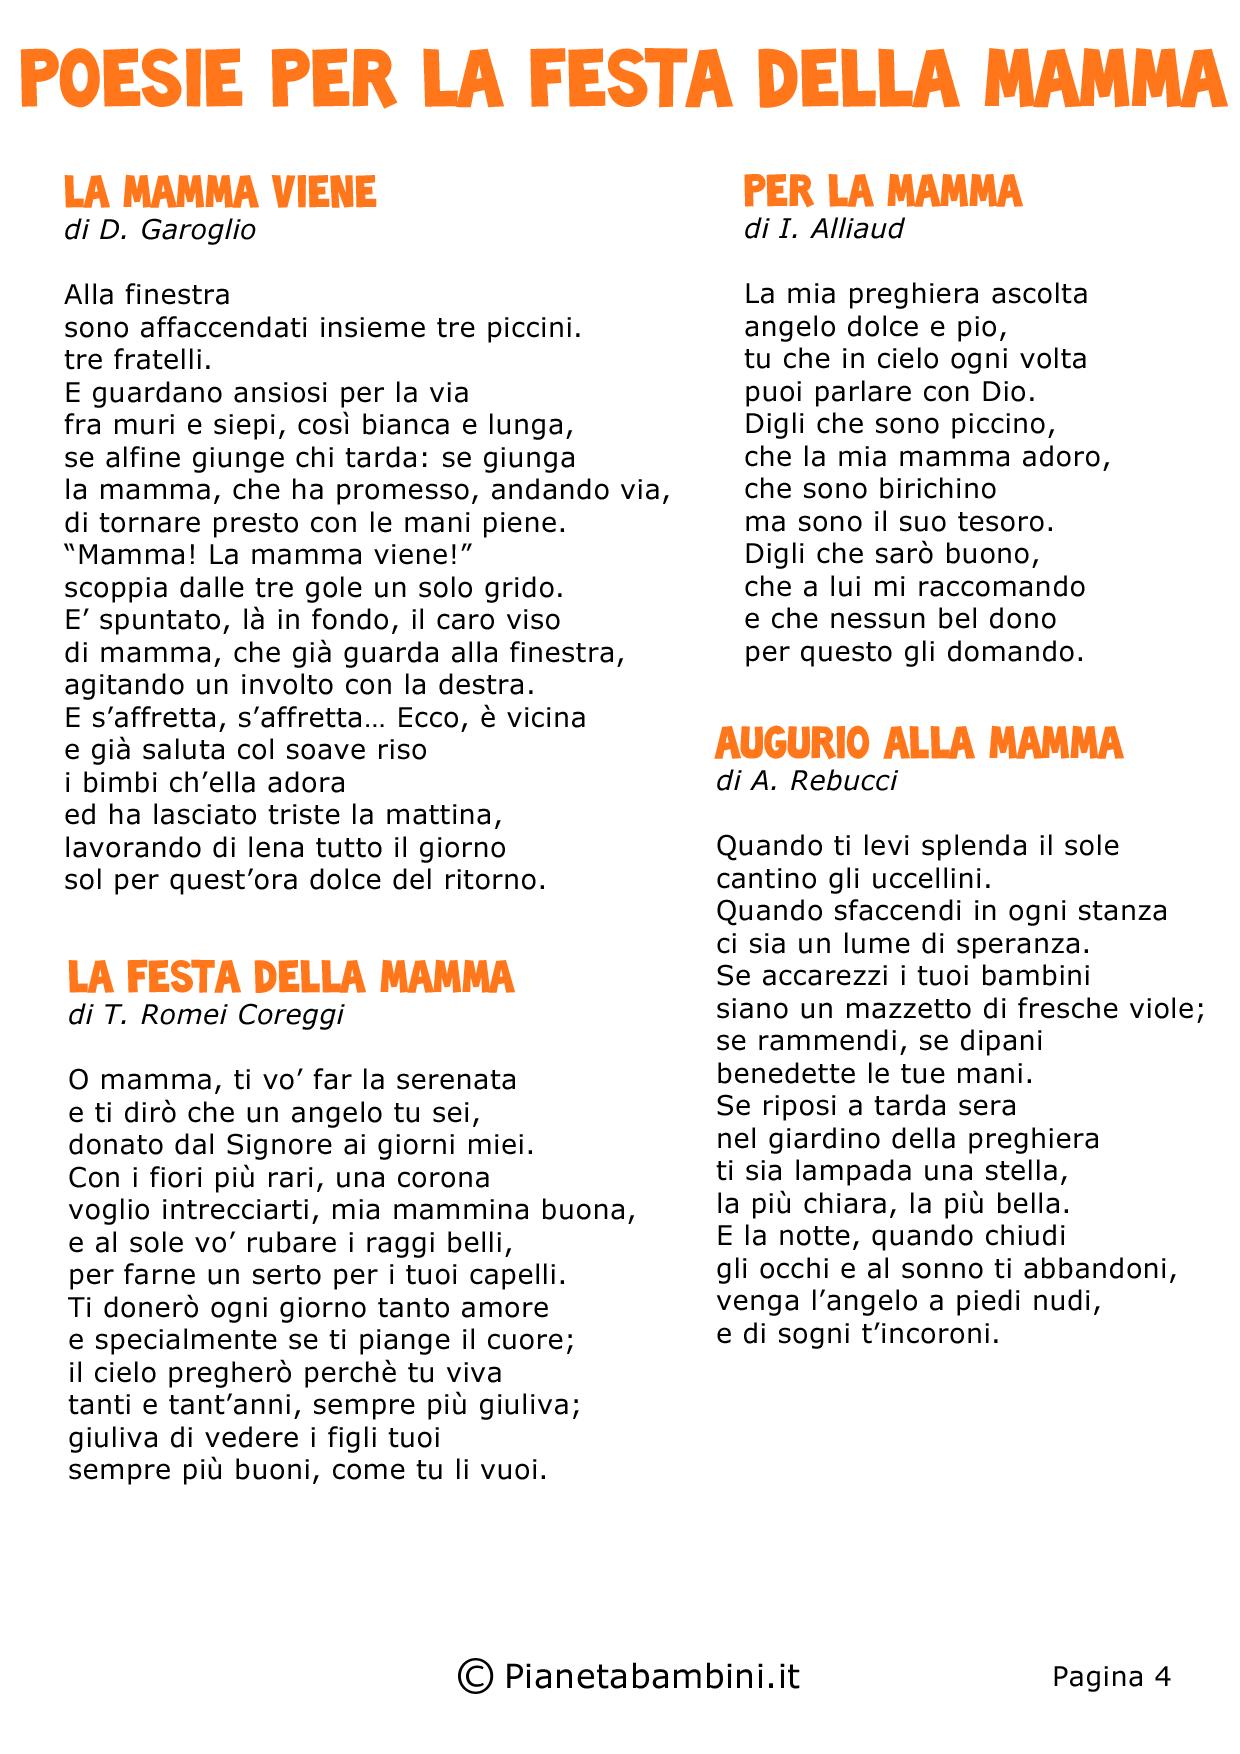 Poesie-Festa-Mamma-04